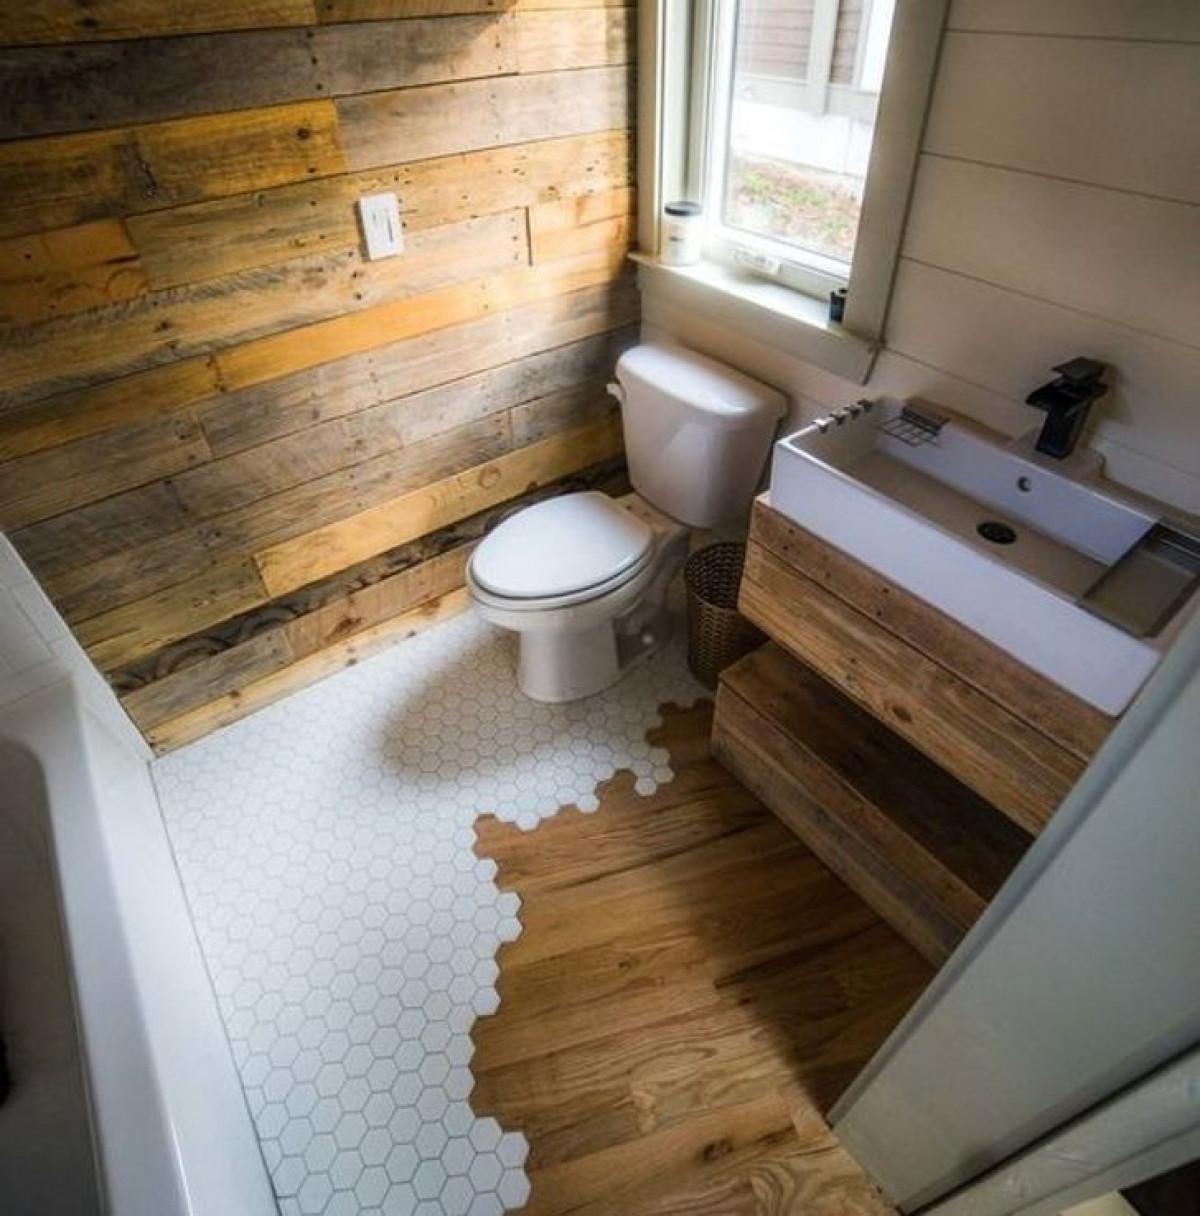 Thiết kế các chi tiết bằng gỗ trong không gian vừa tạo sự ấm áp vừa tăng tính sáng tạo cho căn phòng.